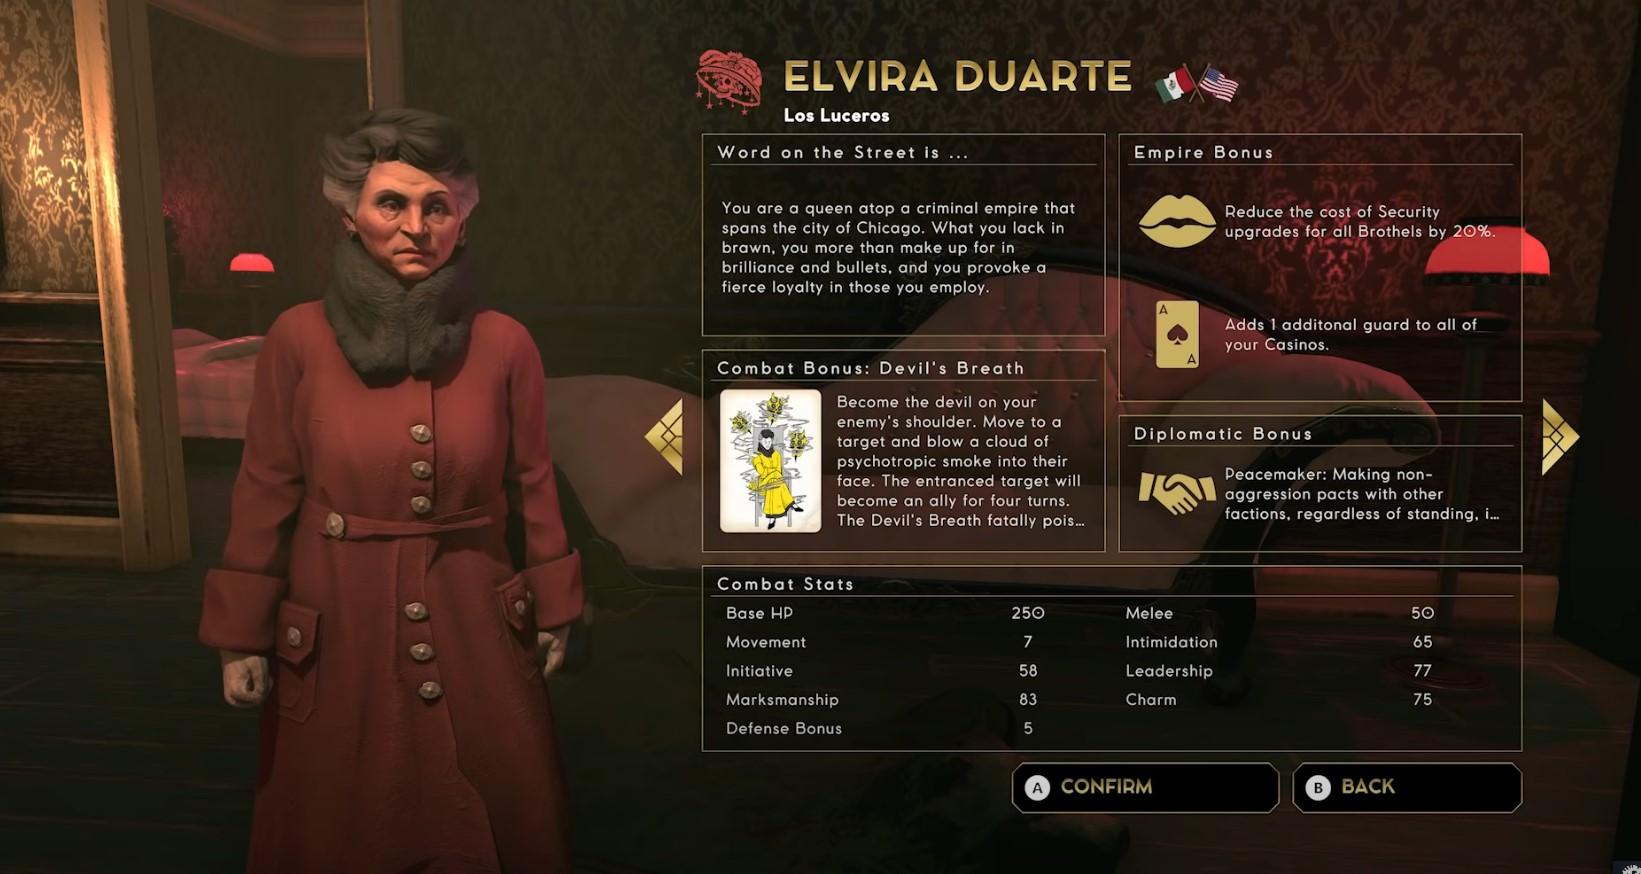 Empire Of Sin's Elvira Duarte